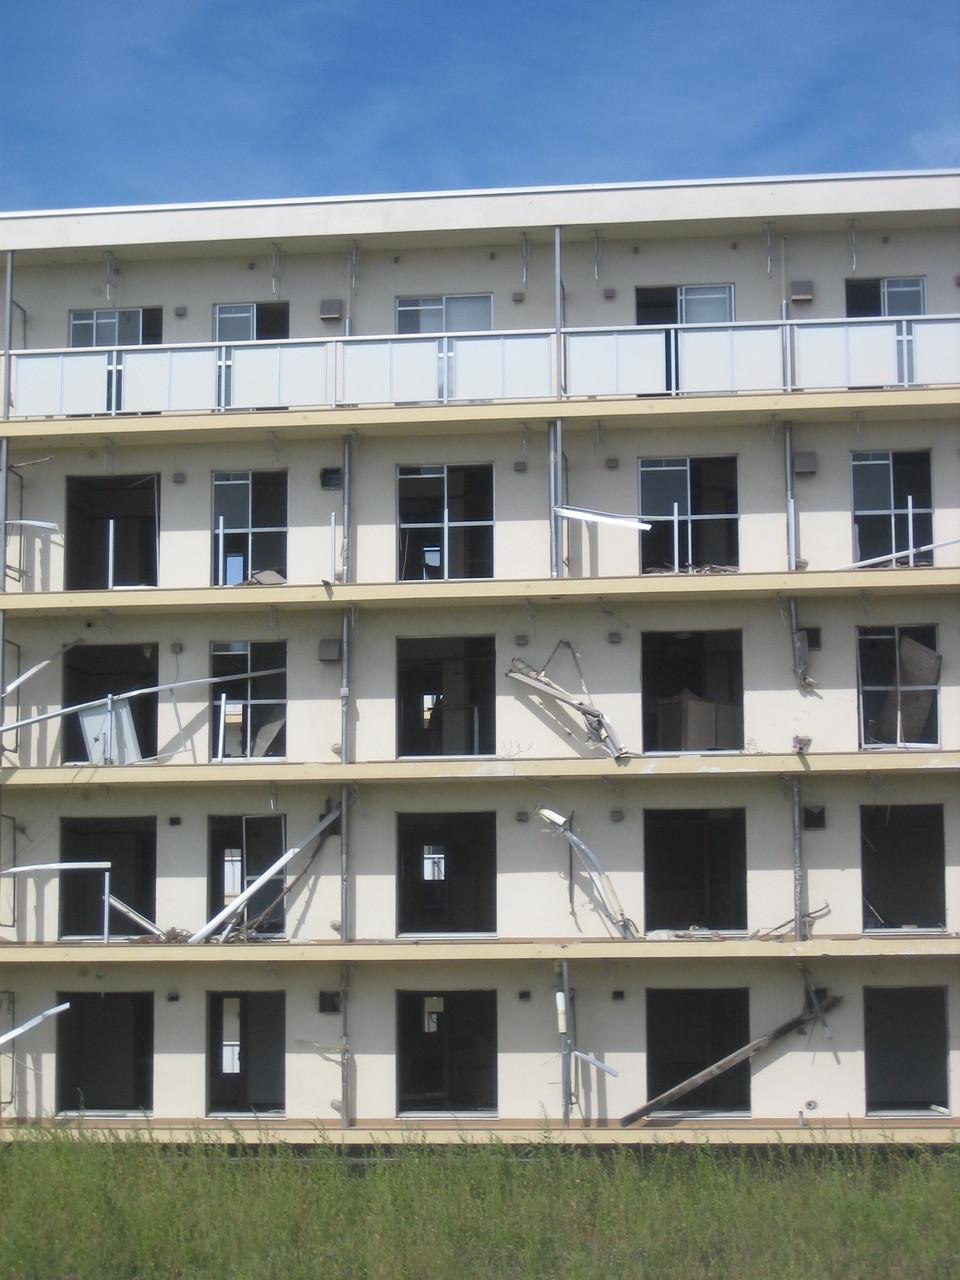 5階建ての4階まで津波に襲われたのがわかる。これは東北の光景です。